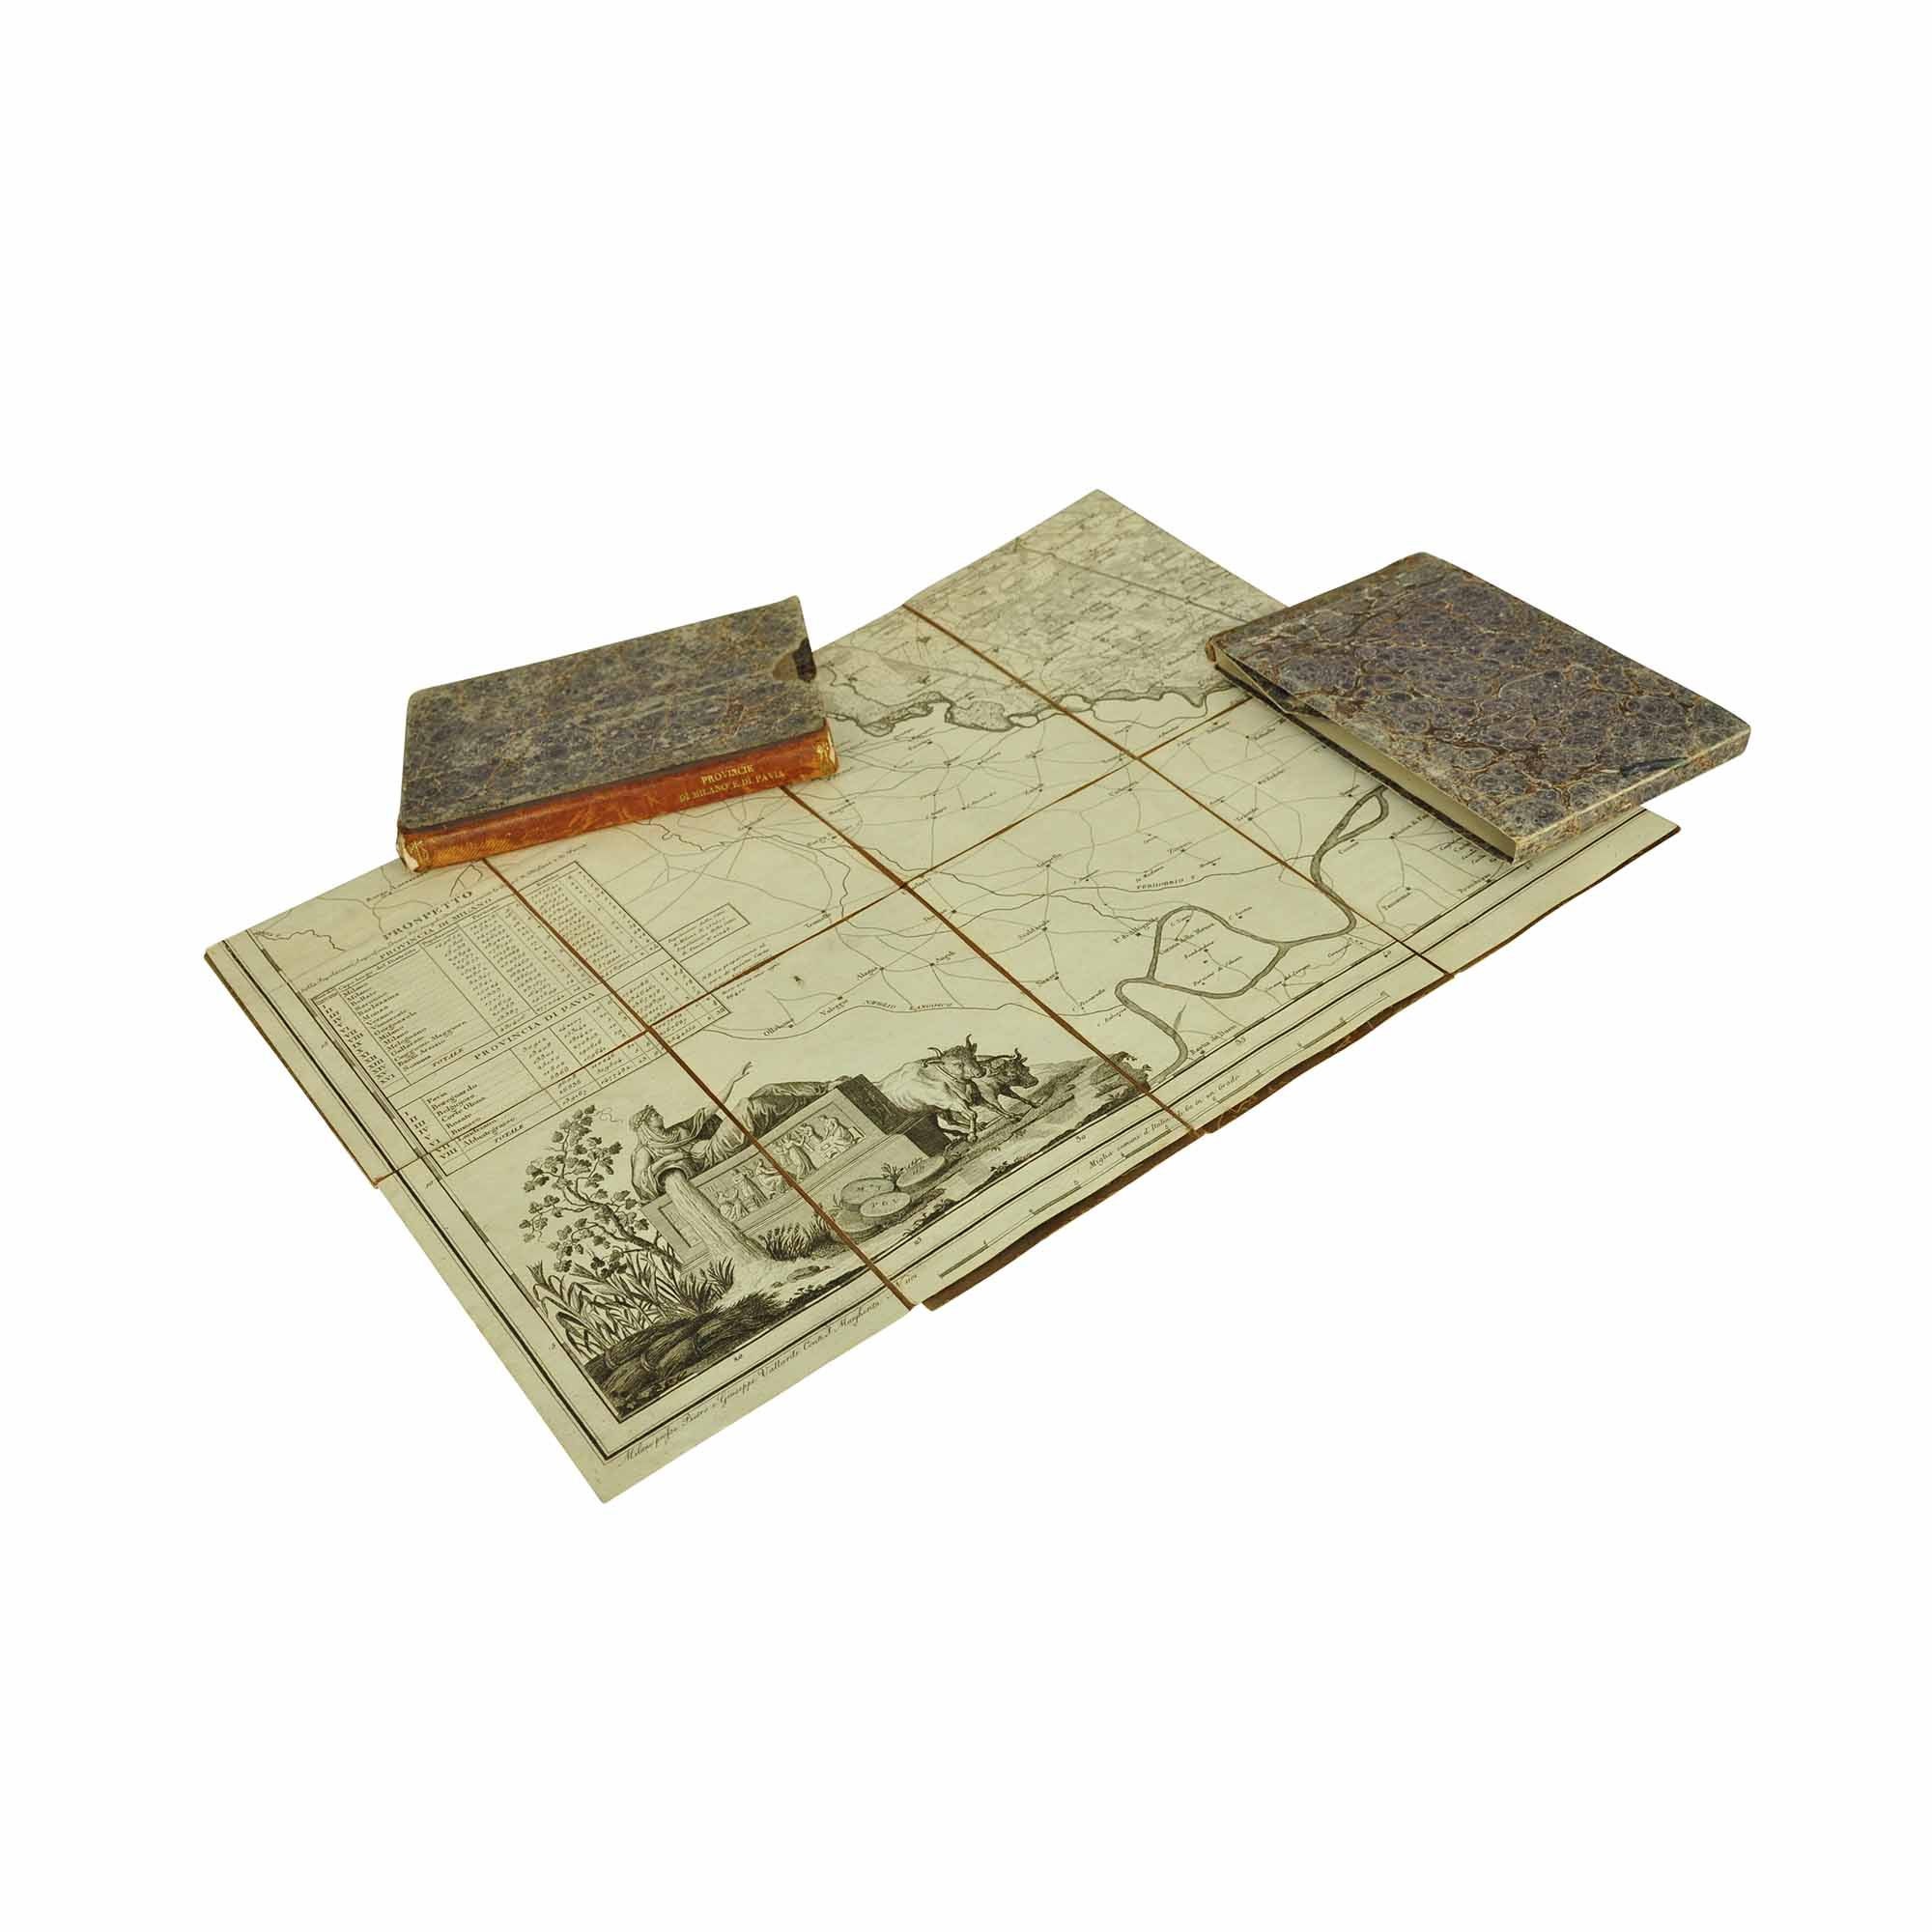 5488-Parea-Carta-Milano-Pavia-1819-2-N.jpg